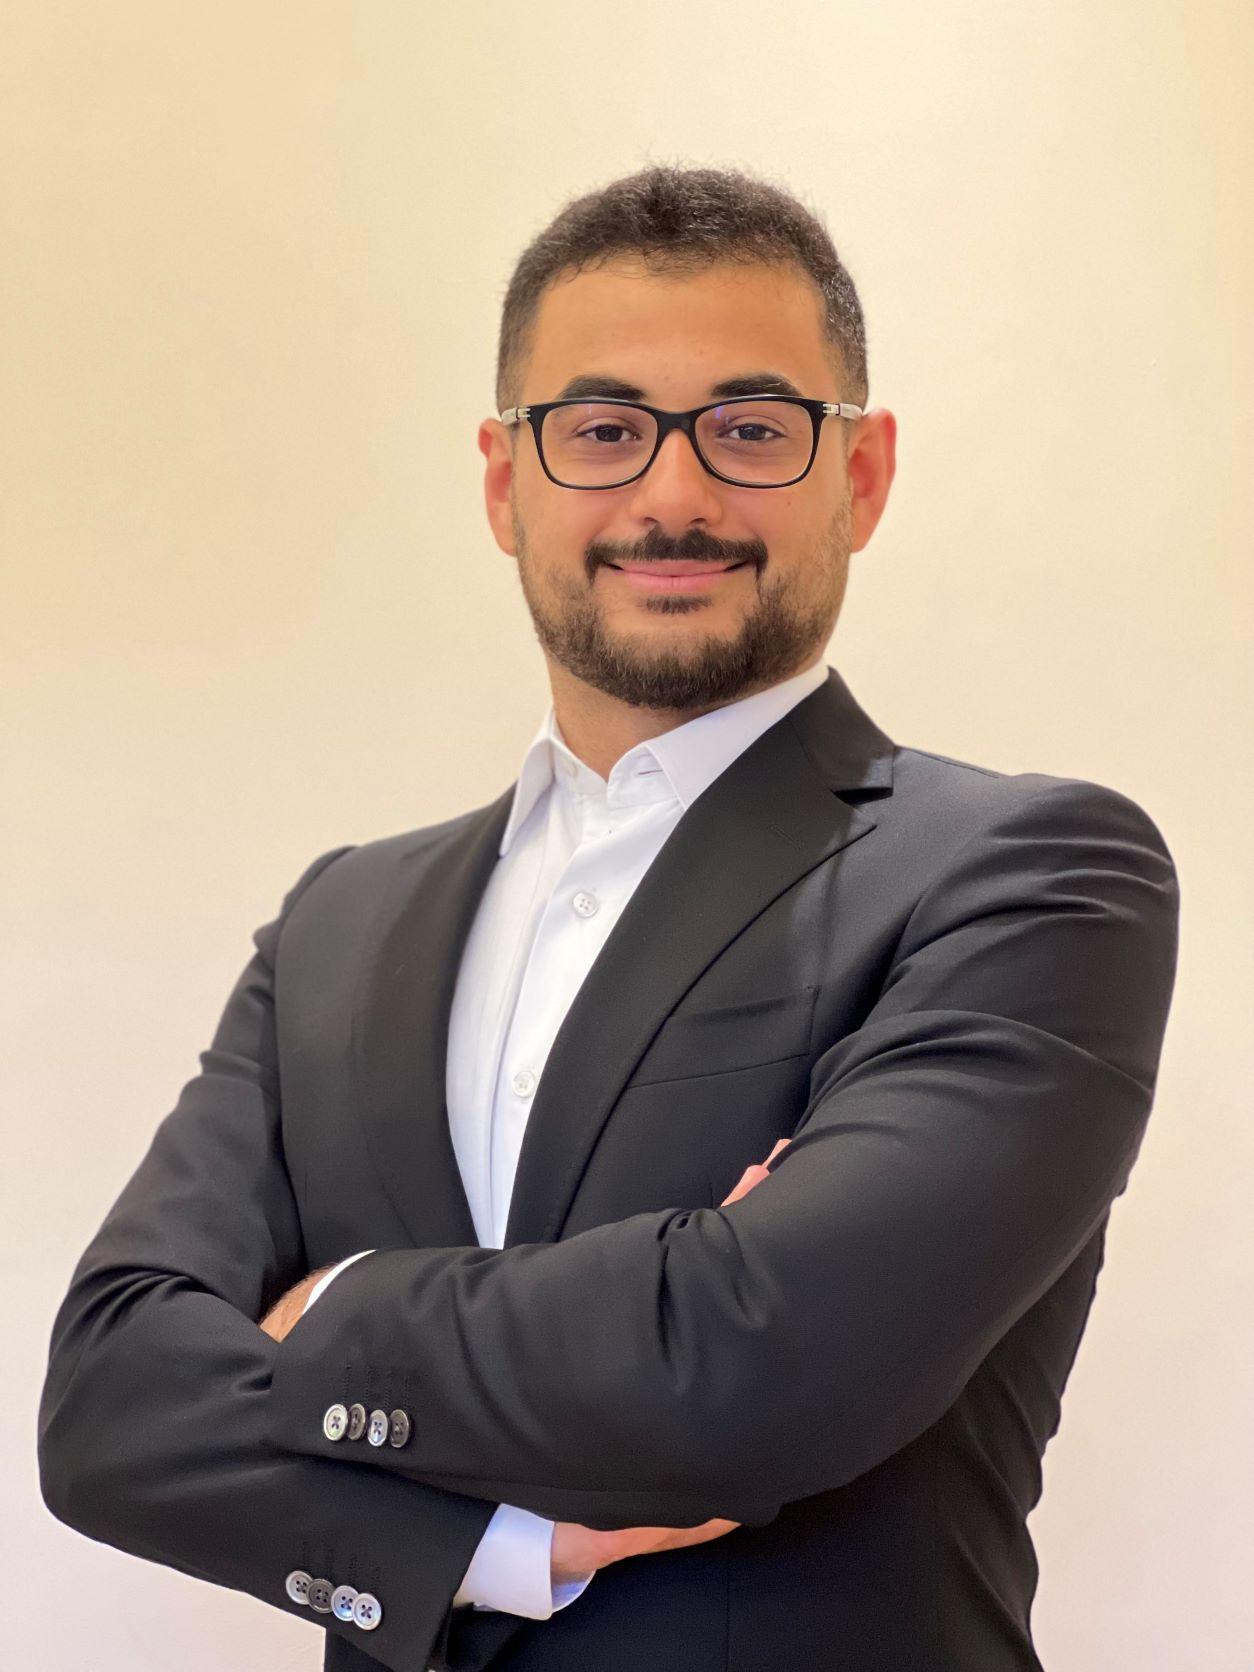 Mahdi Hijazi